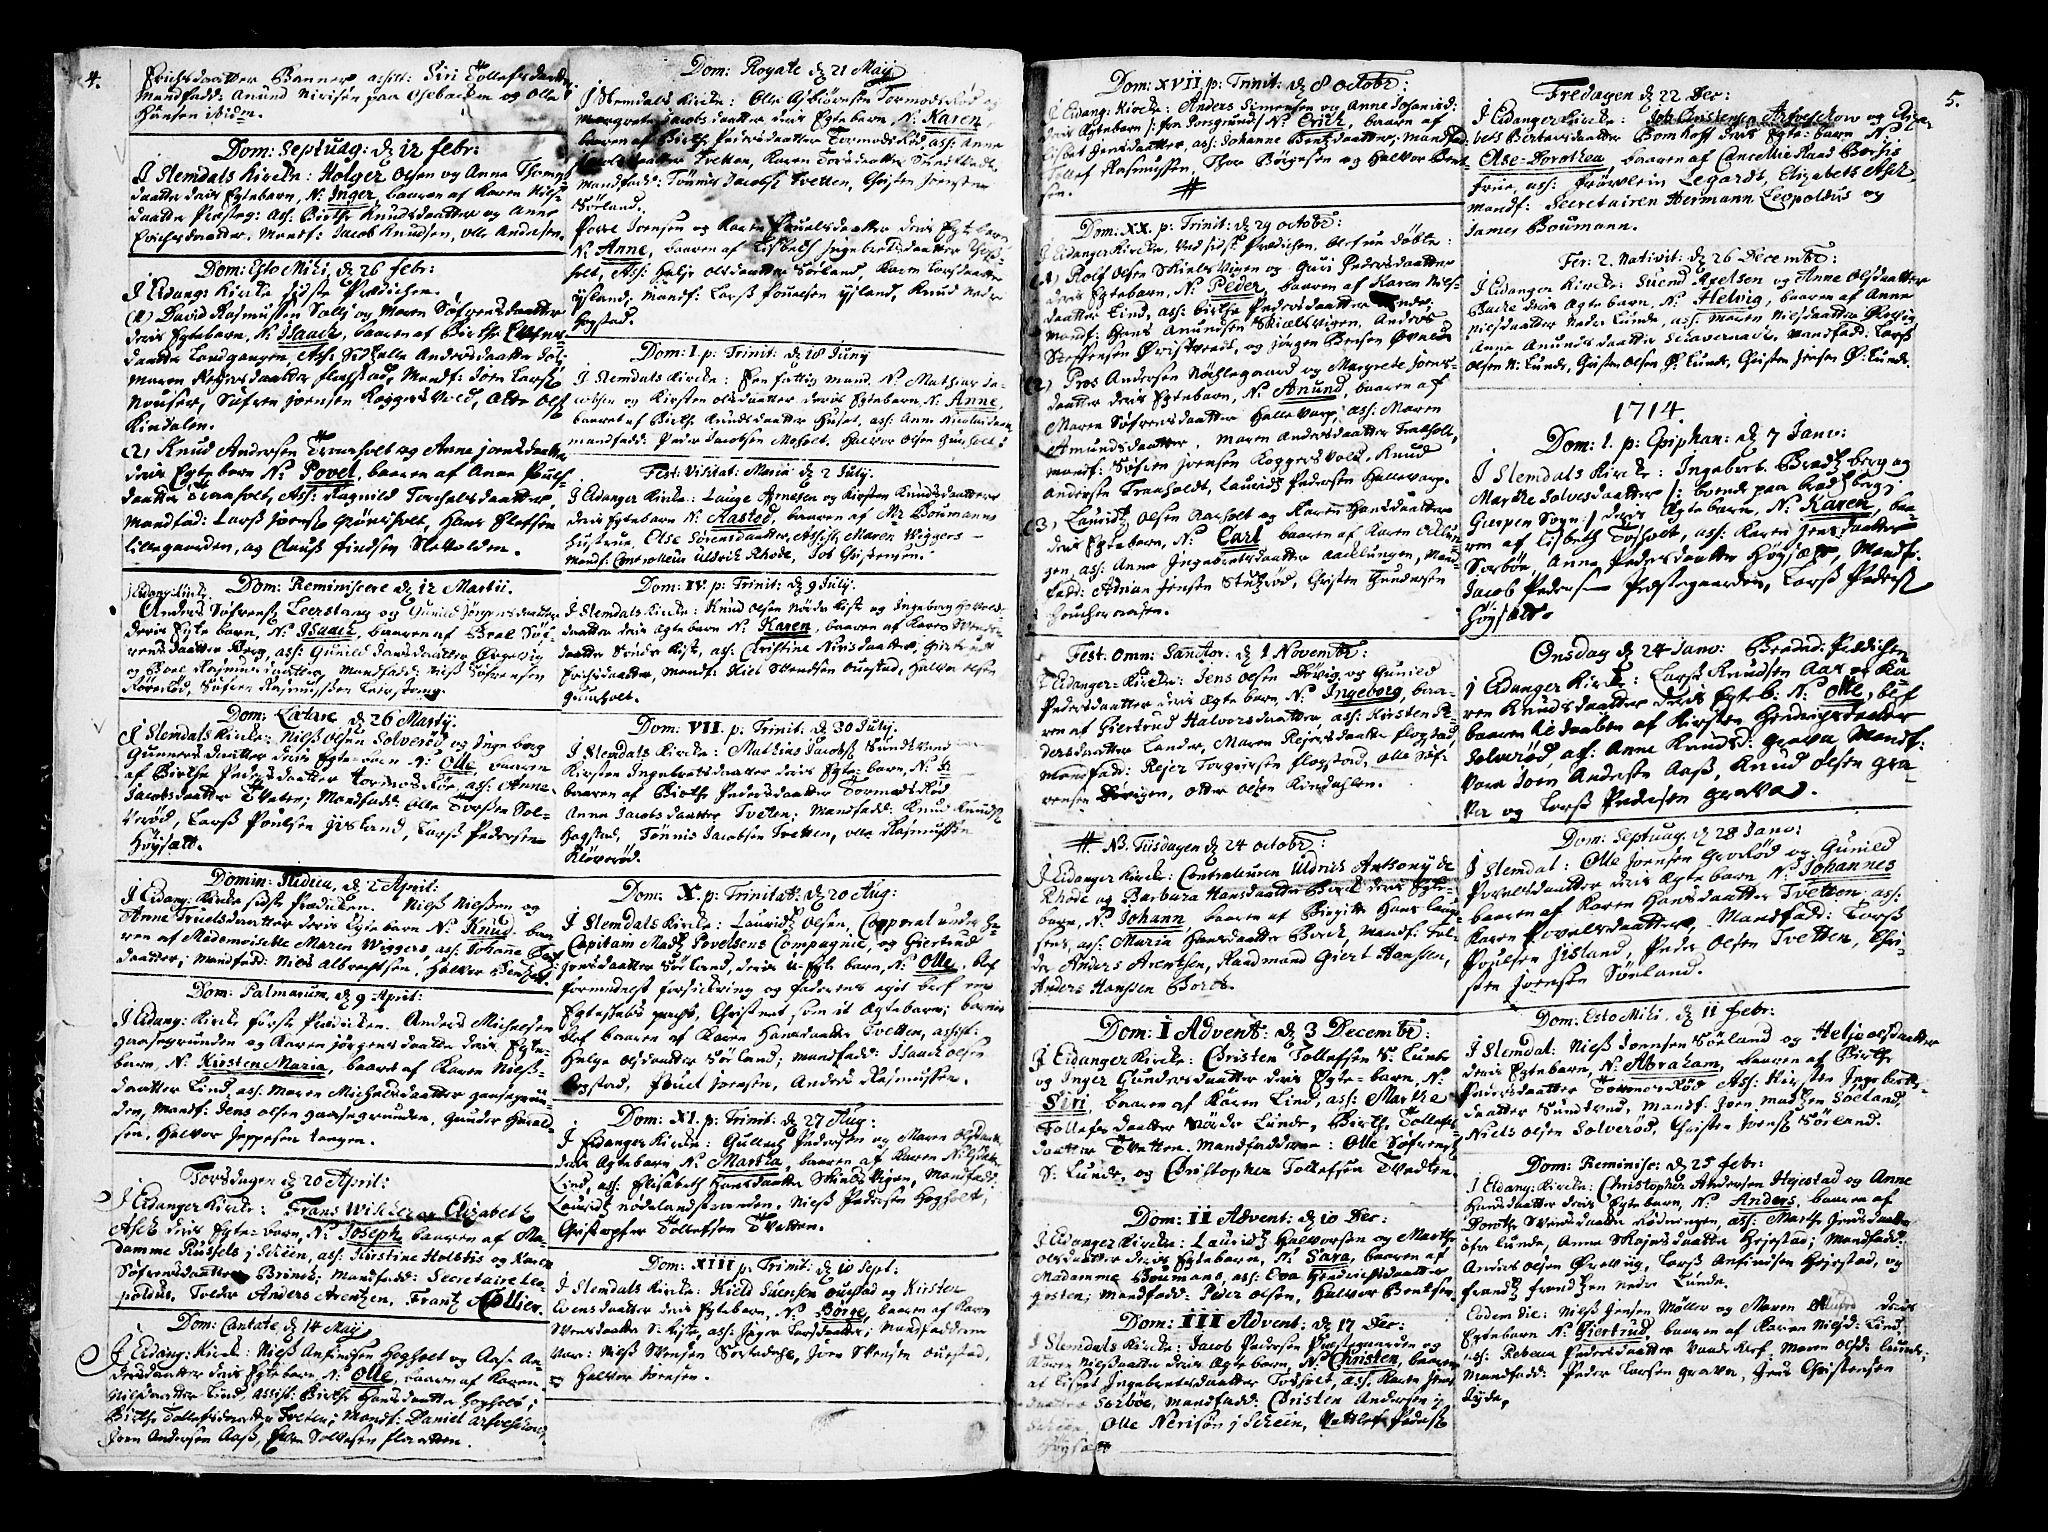 SAKO, Eidanger kirkebøker, F/Fa/L0002: Ministerialbok nr. 2, 1712-1720, s. 4-5